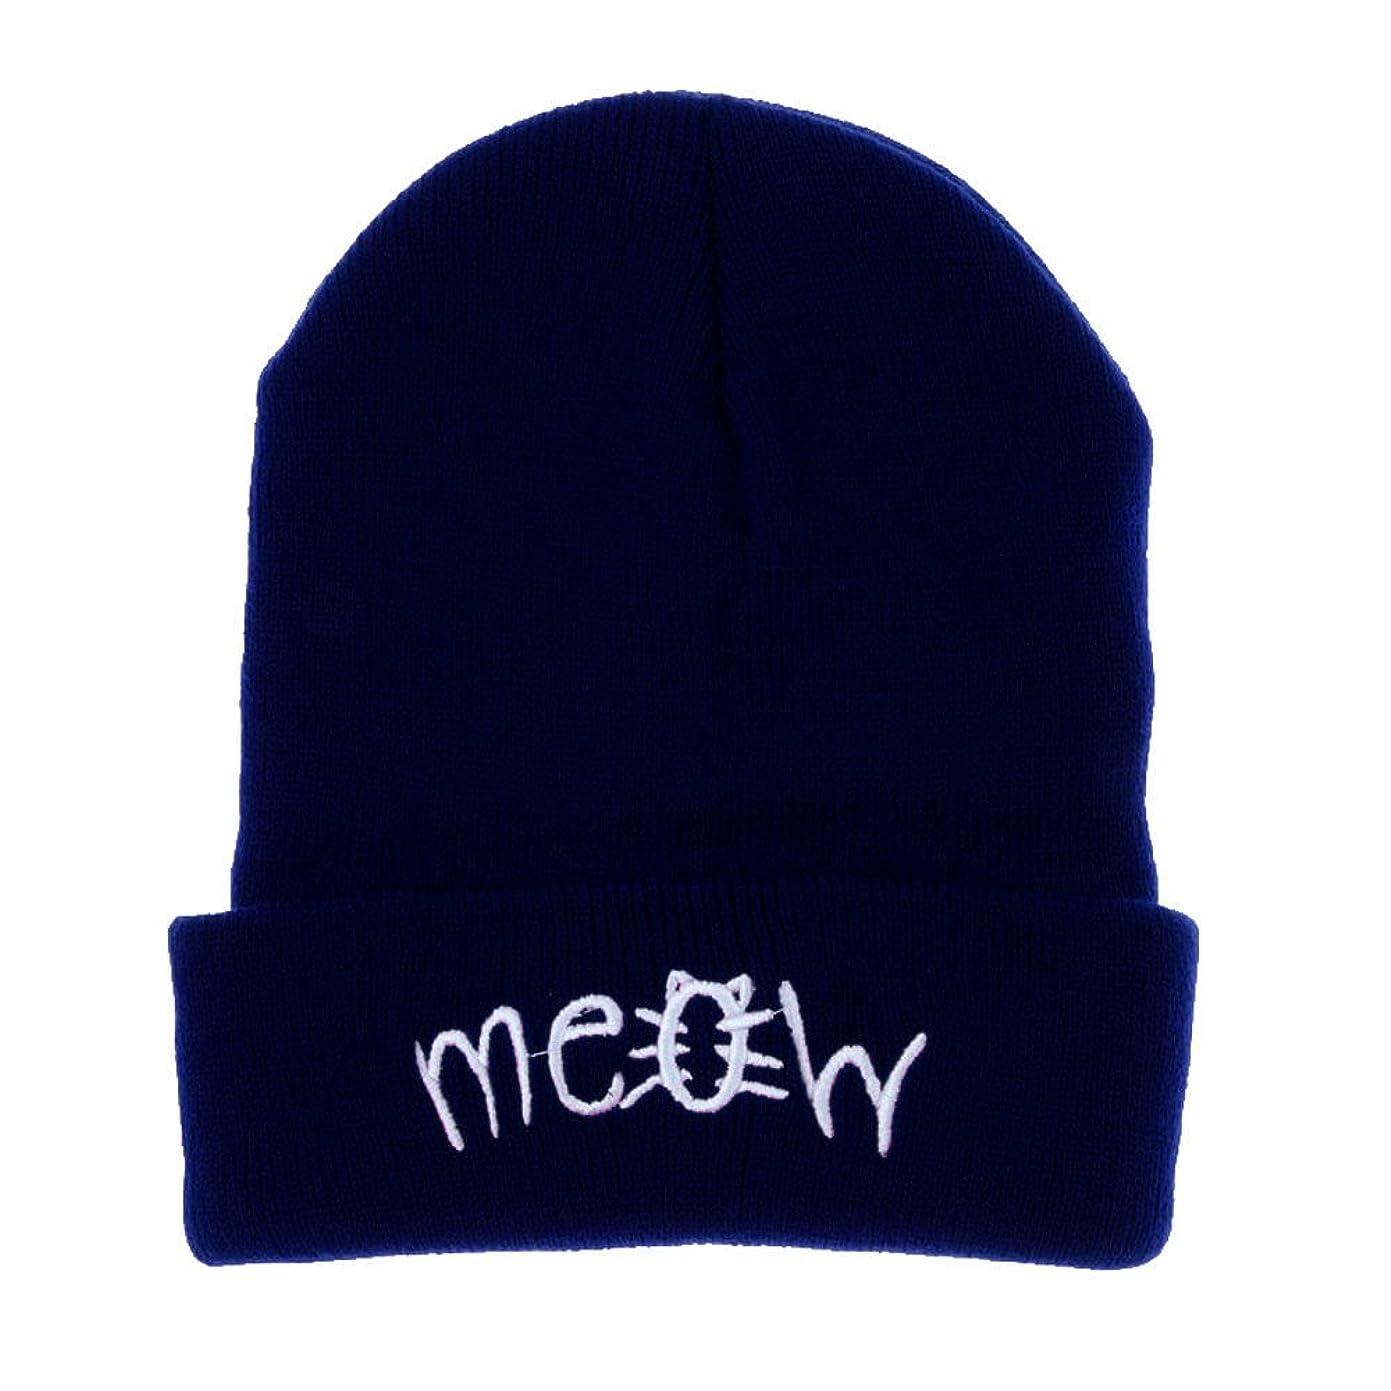 教えて素敵な協同Racazing 選べる4色 ニット帽 縮らす 英語の刺繍 ニット帽 防寒対策 通気性のある 防風 暖かい 軽量 屋外 スキー 自転車 クリスマス 編み物 Hat 男女兼用 (ネービー)